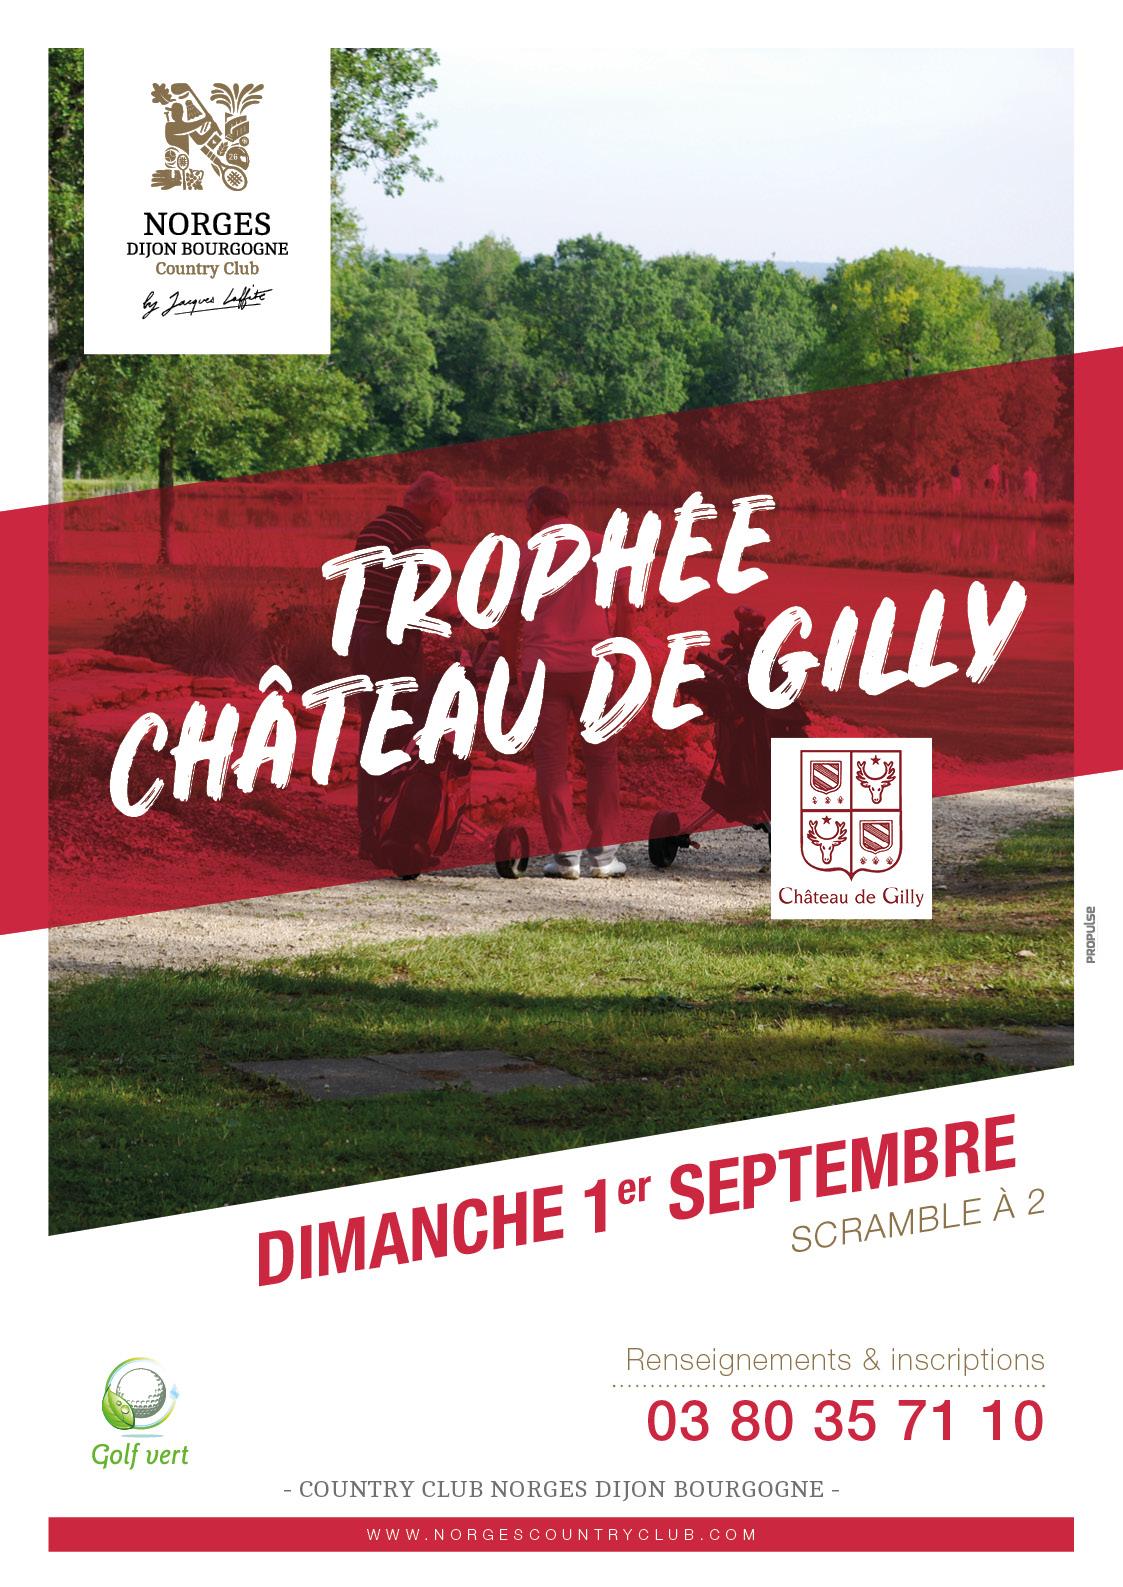 Trophée Château de Gilly